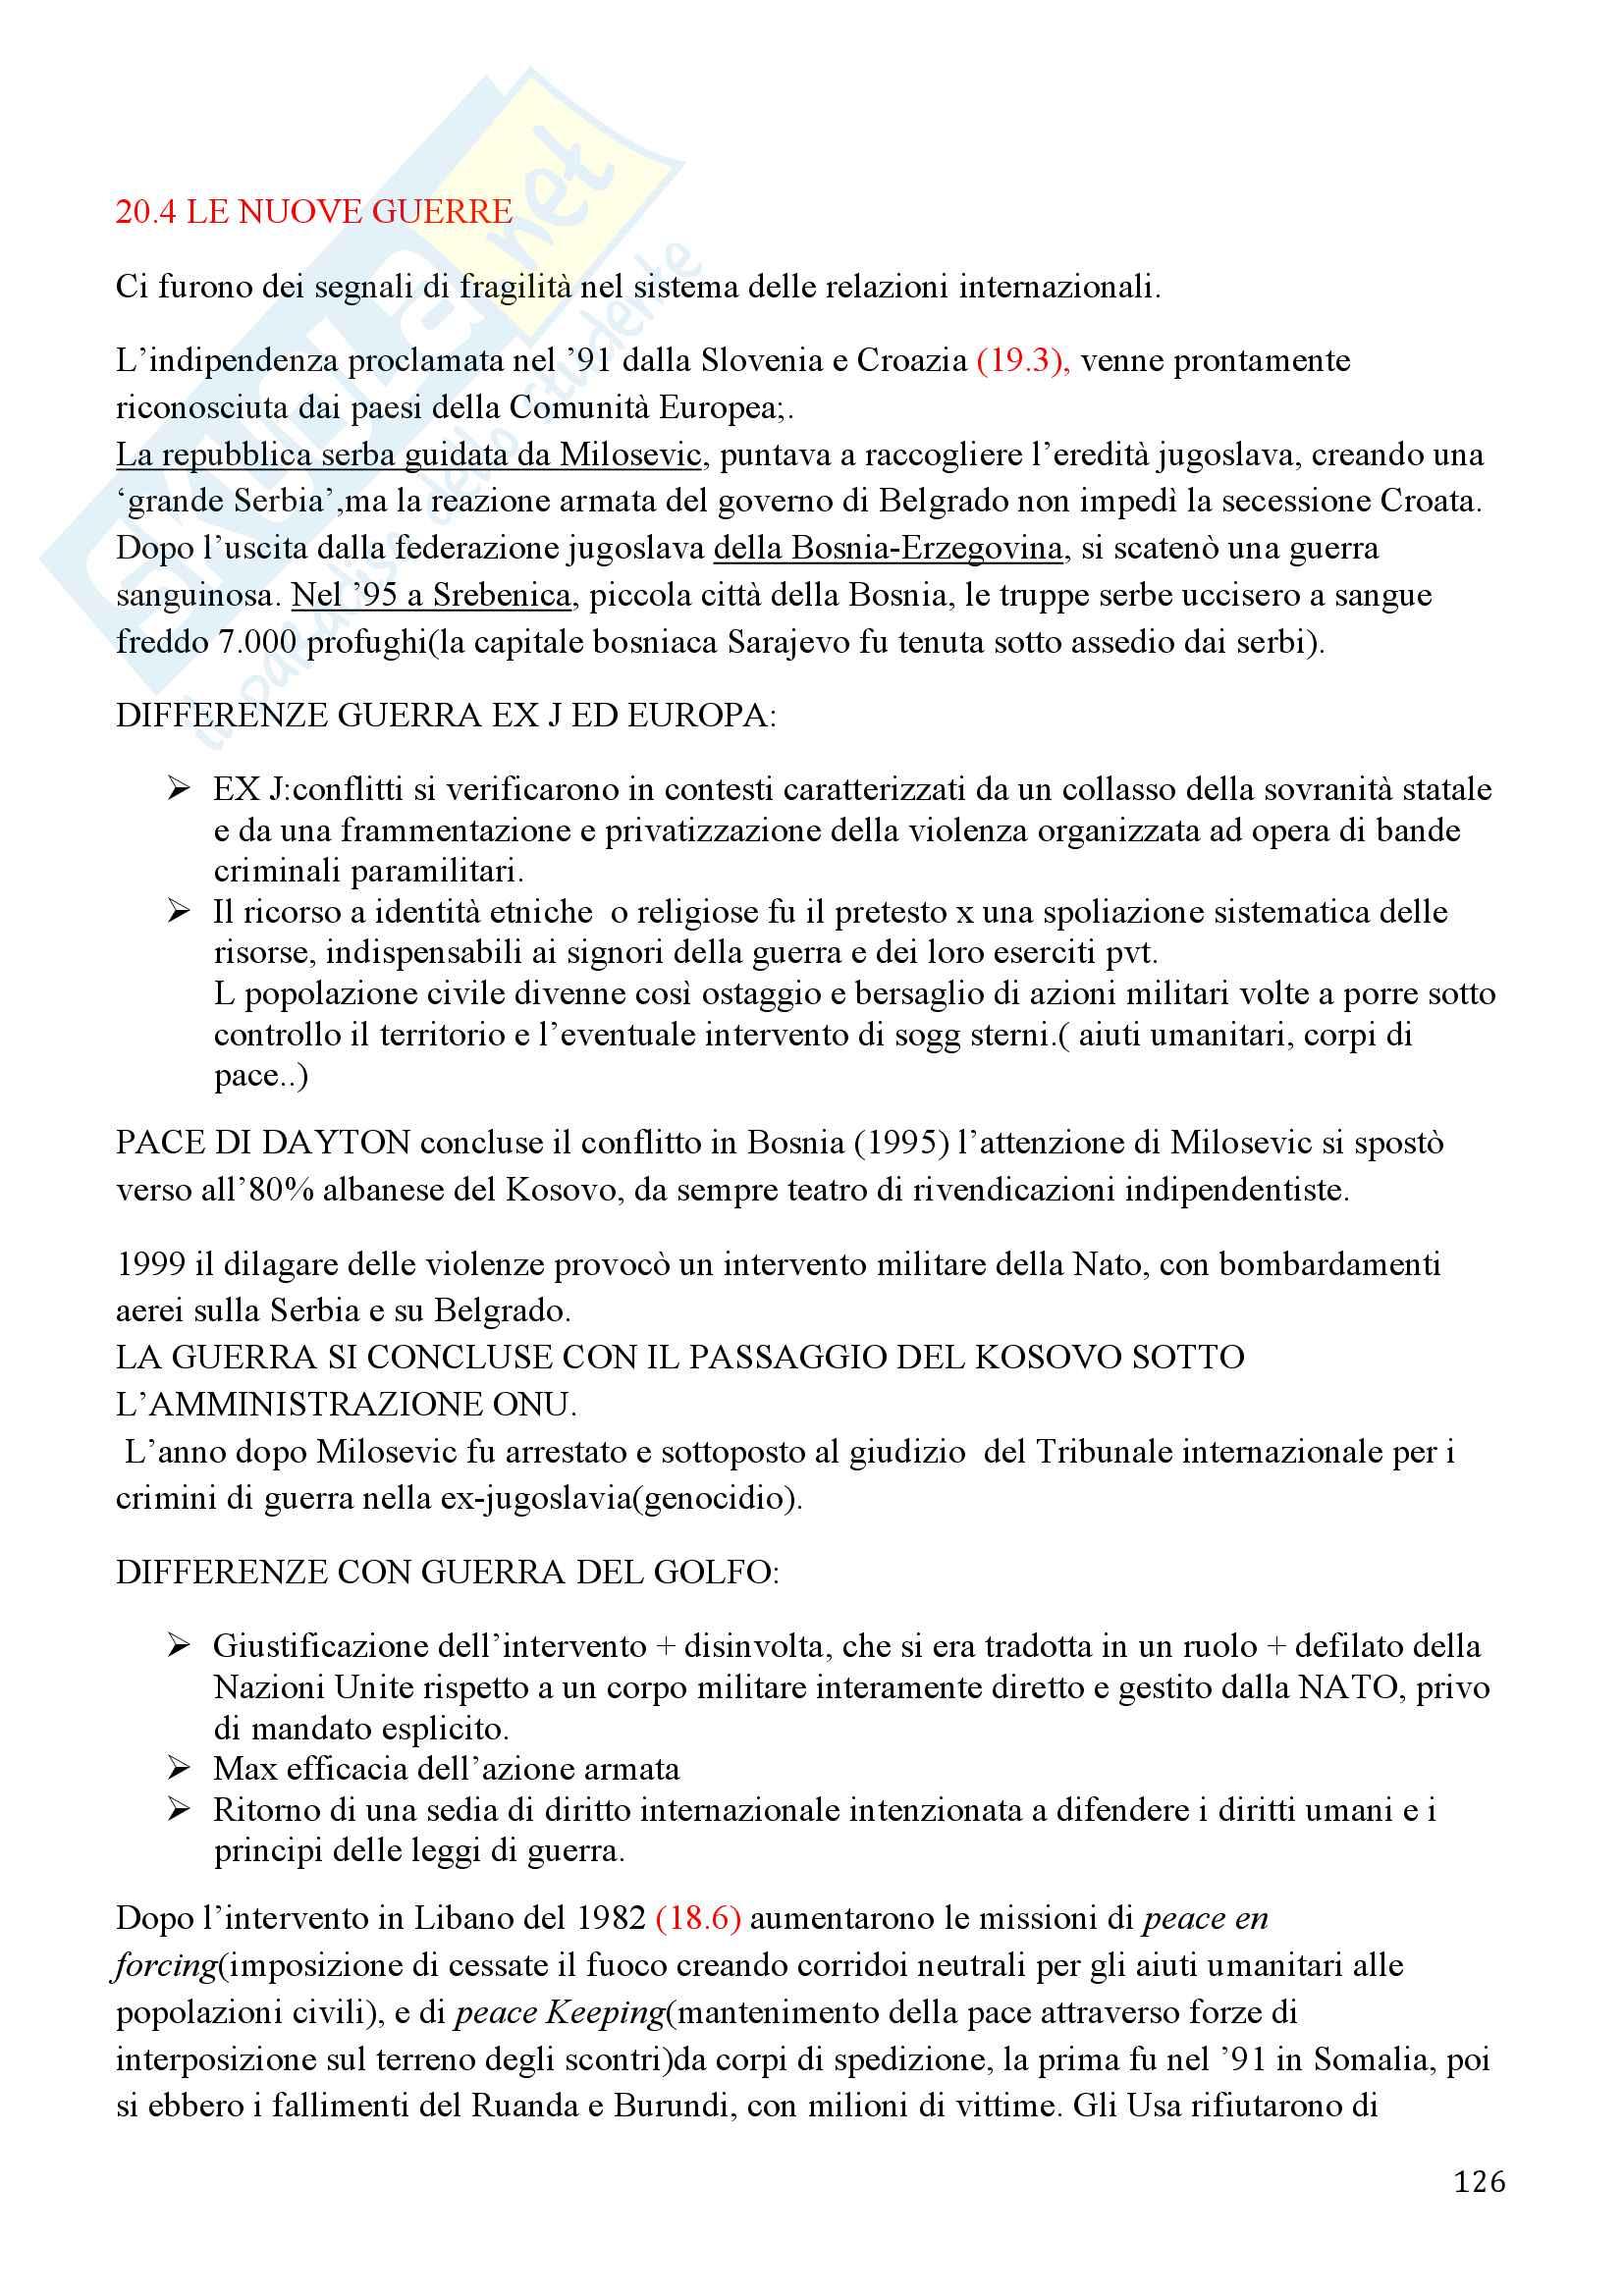 Storia Contemporanea, Detti, Gozzini il Novecento - Riassunto Pag. 126